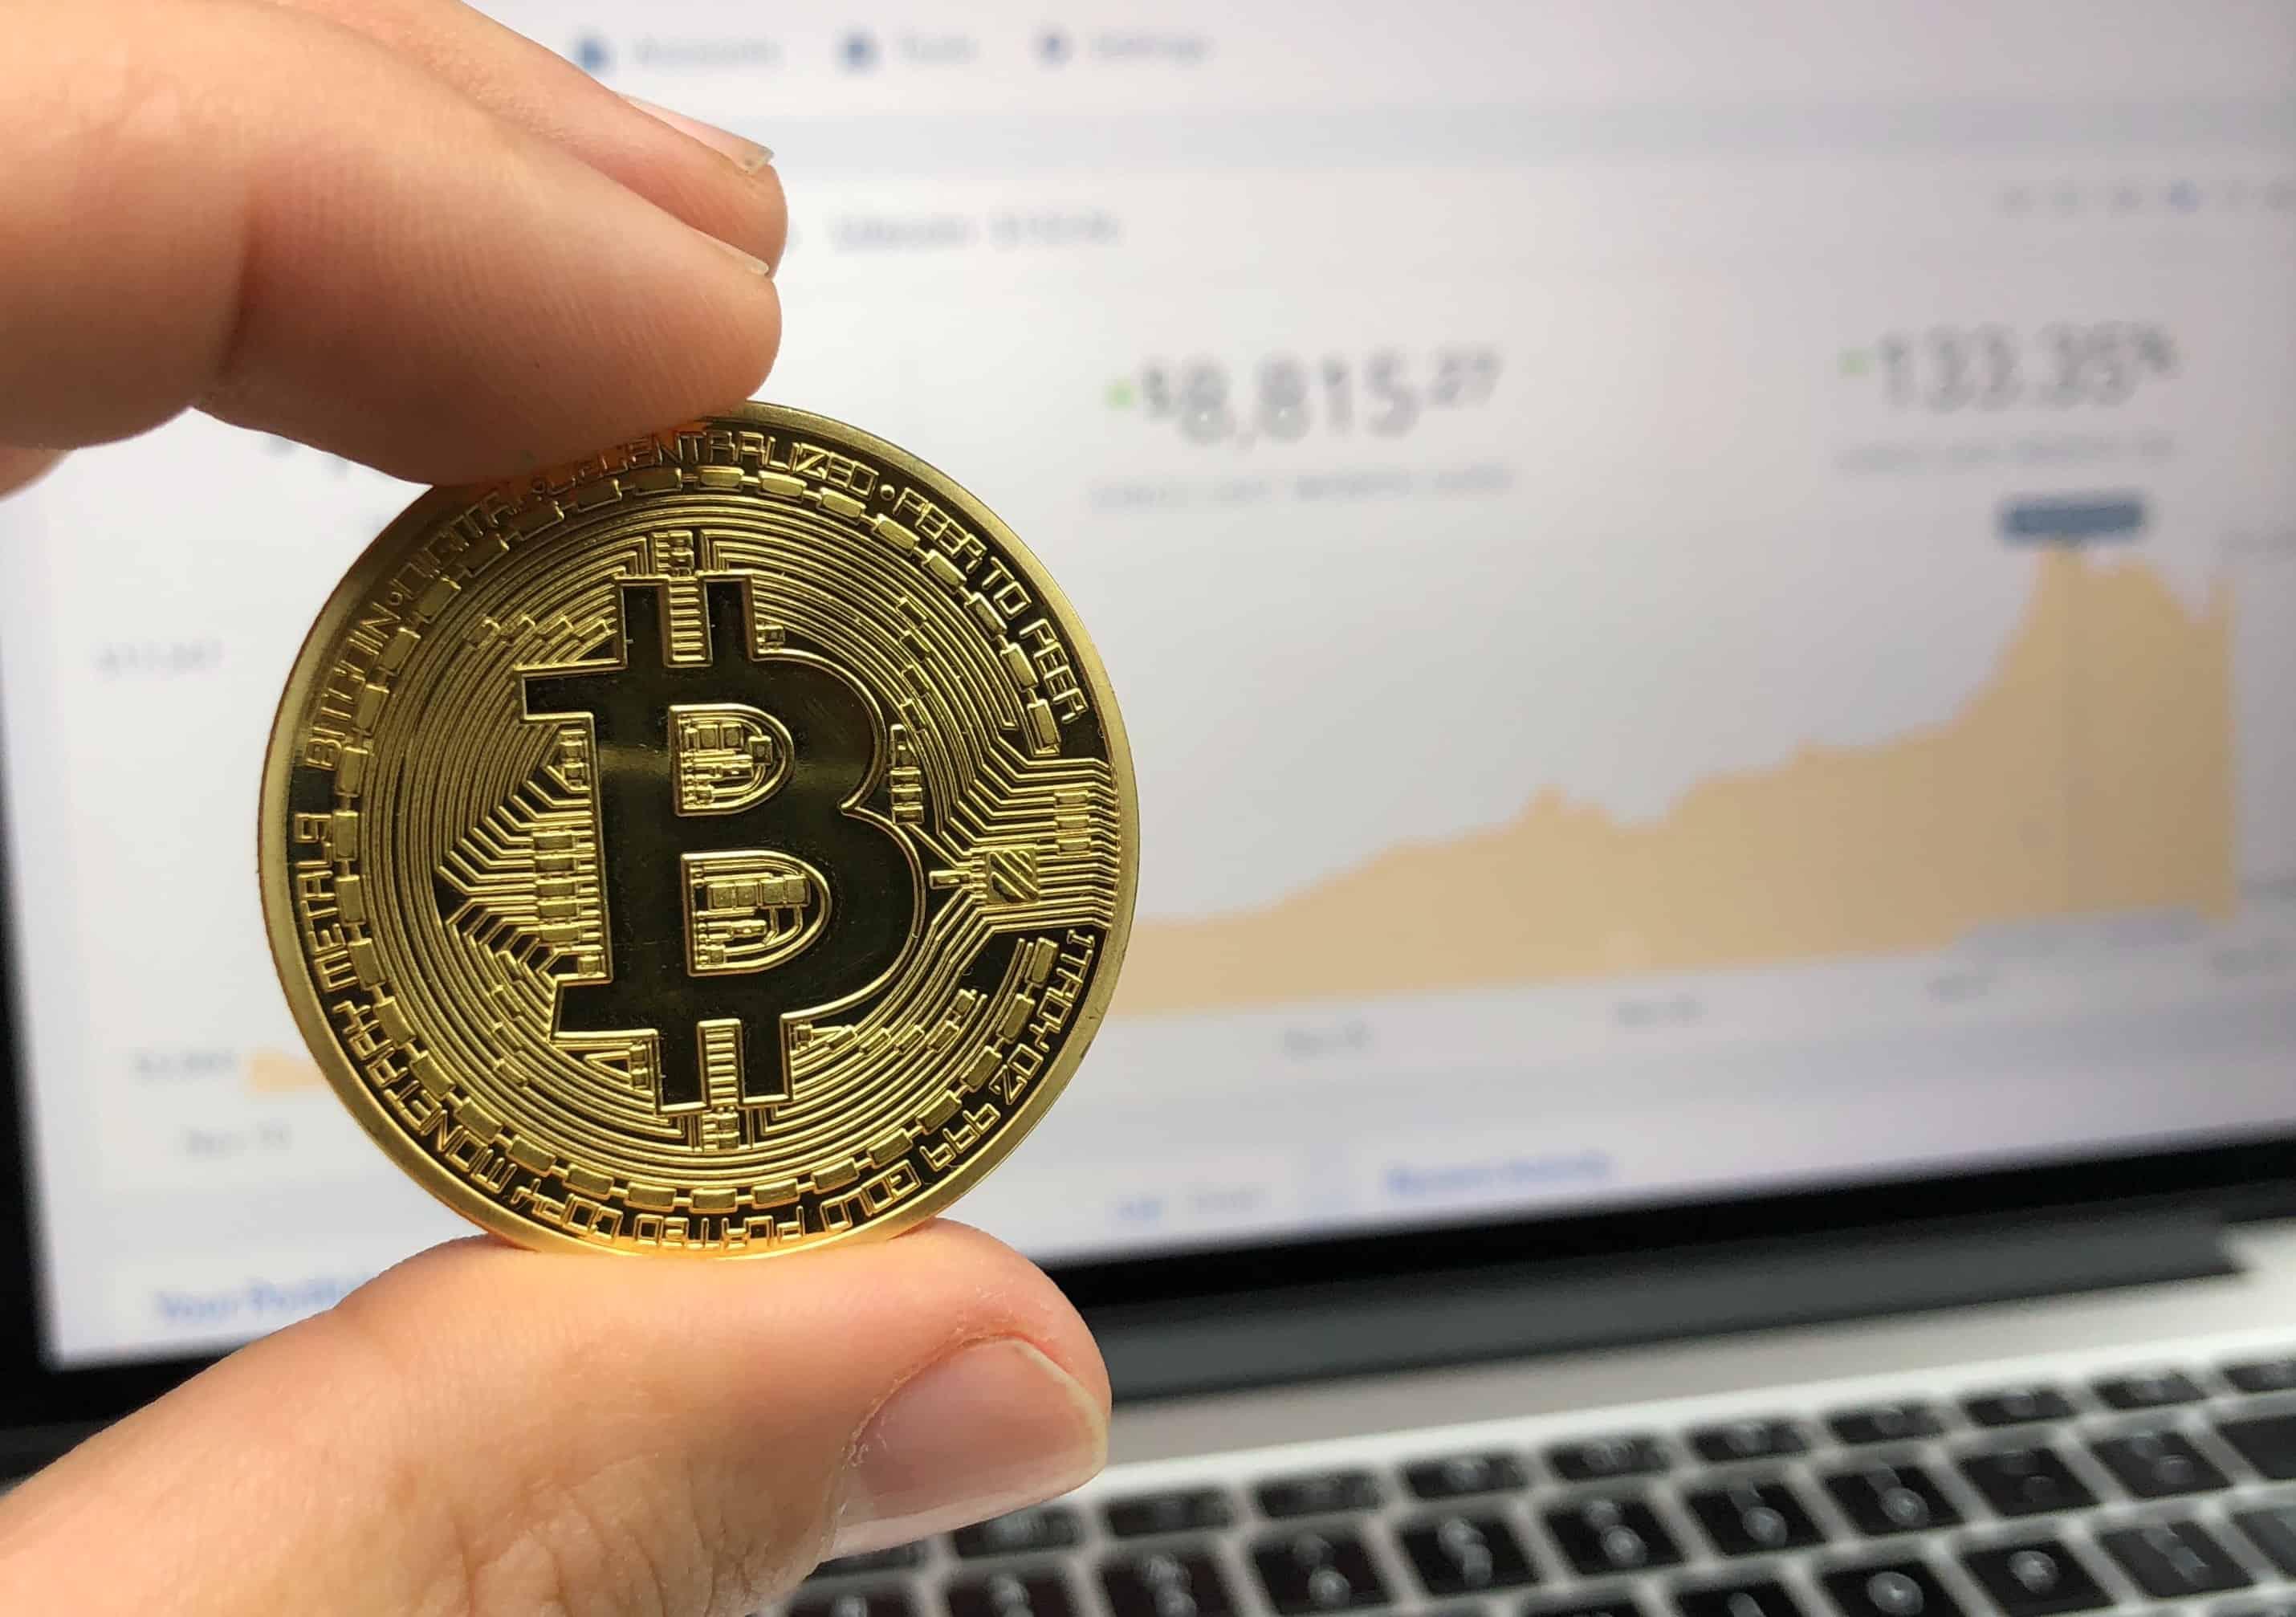 Een hand houdt een muntstuk met een 'B', verwijzend naar Bitcoin, tussen wijsvinger en duim met op de achtergrond het scherm van een pc waarop beurskoersen zijn afgebeeld.